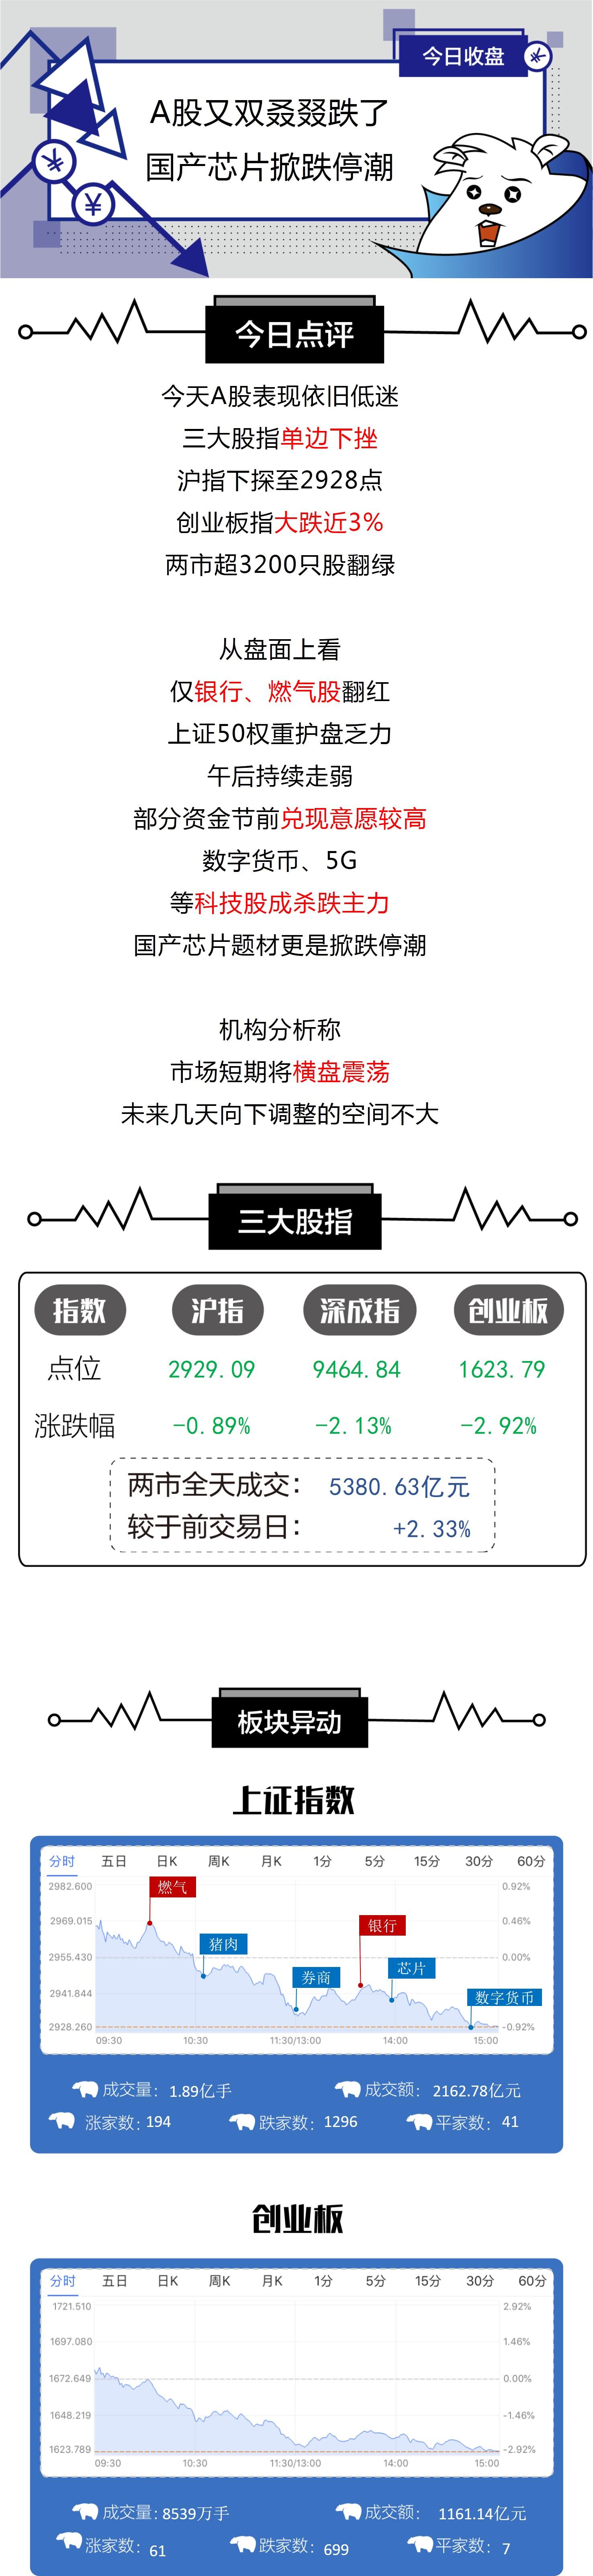 9月多家纸厂频发涨价函 盈利改善纸价上涨或难持续